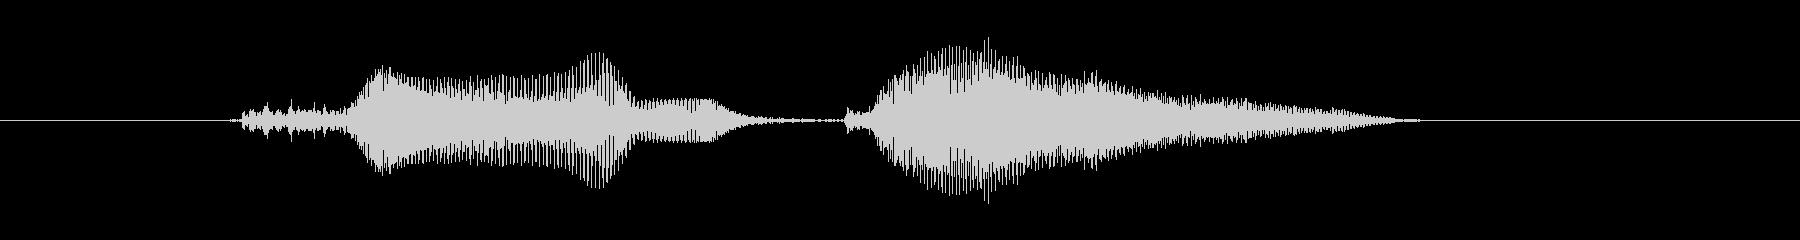 ピュン・ピュン!の未再生の波形